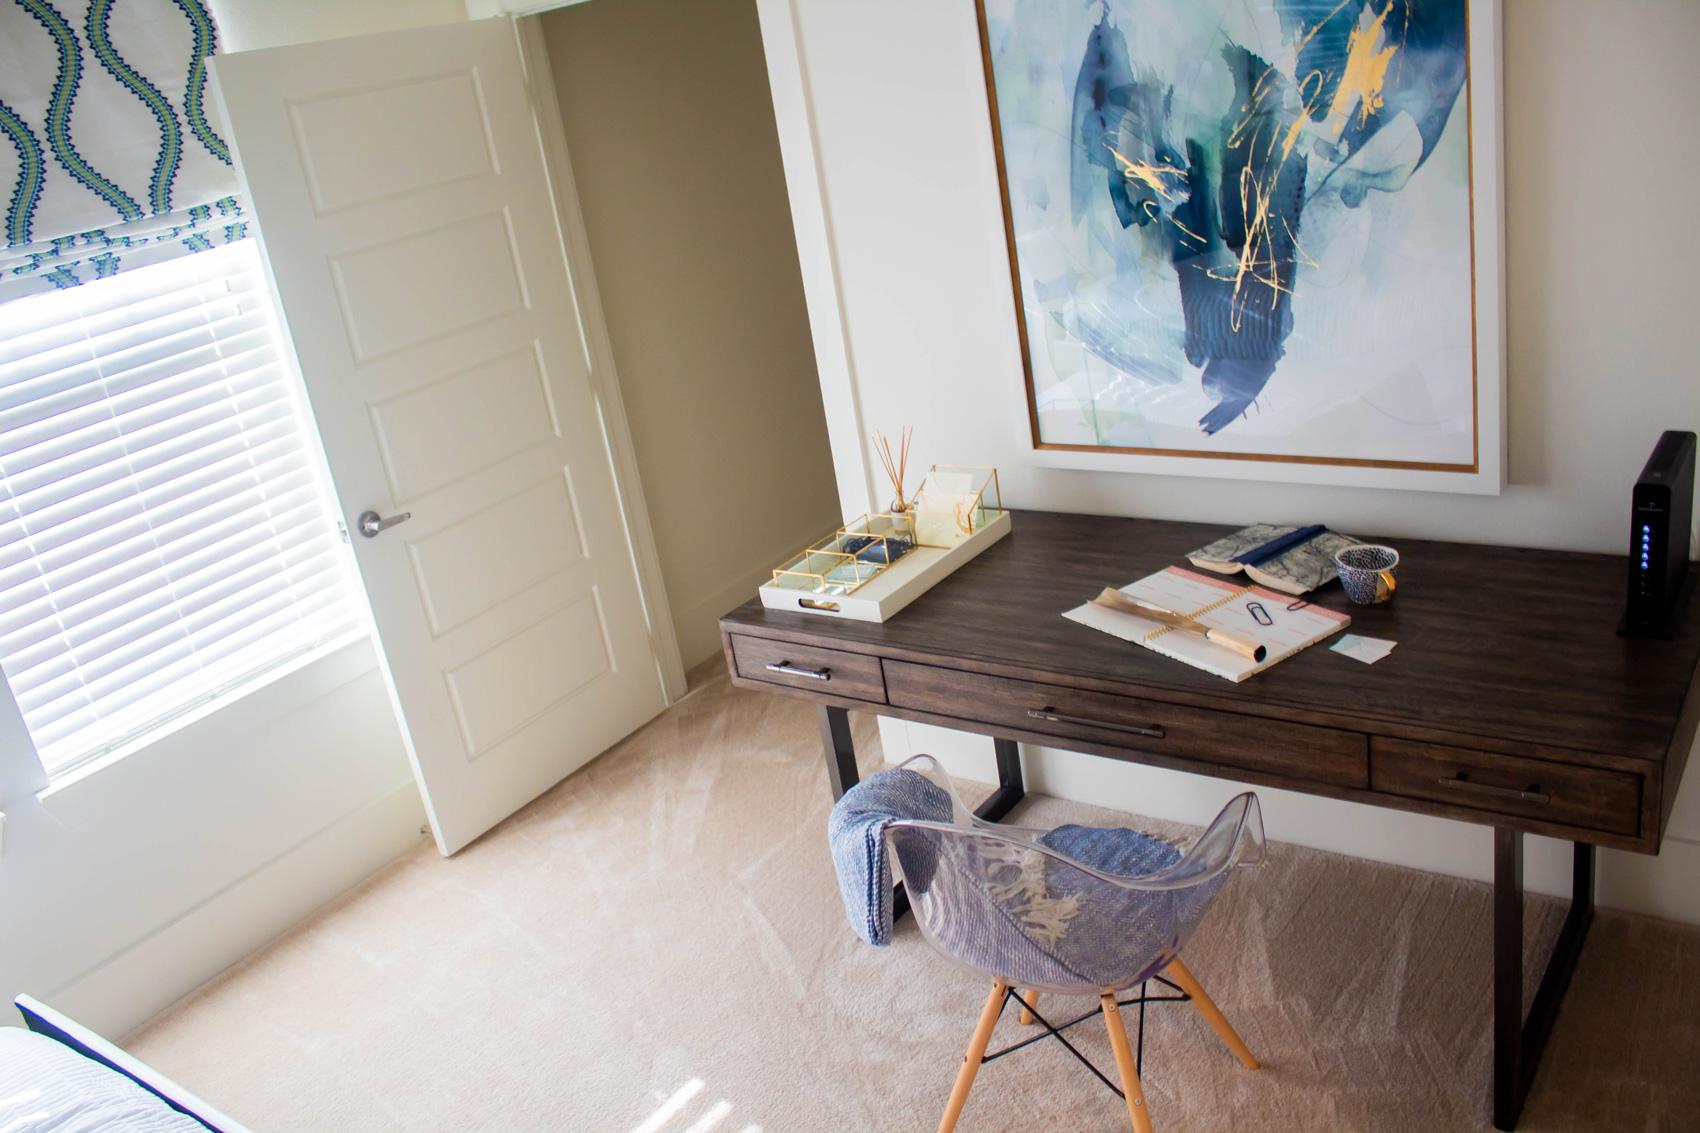 Plush Carpeting at The Palms at Juban Lakes Apartments in Denham Springs, Louisiana